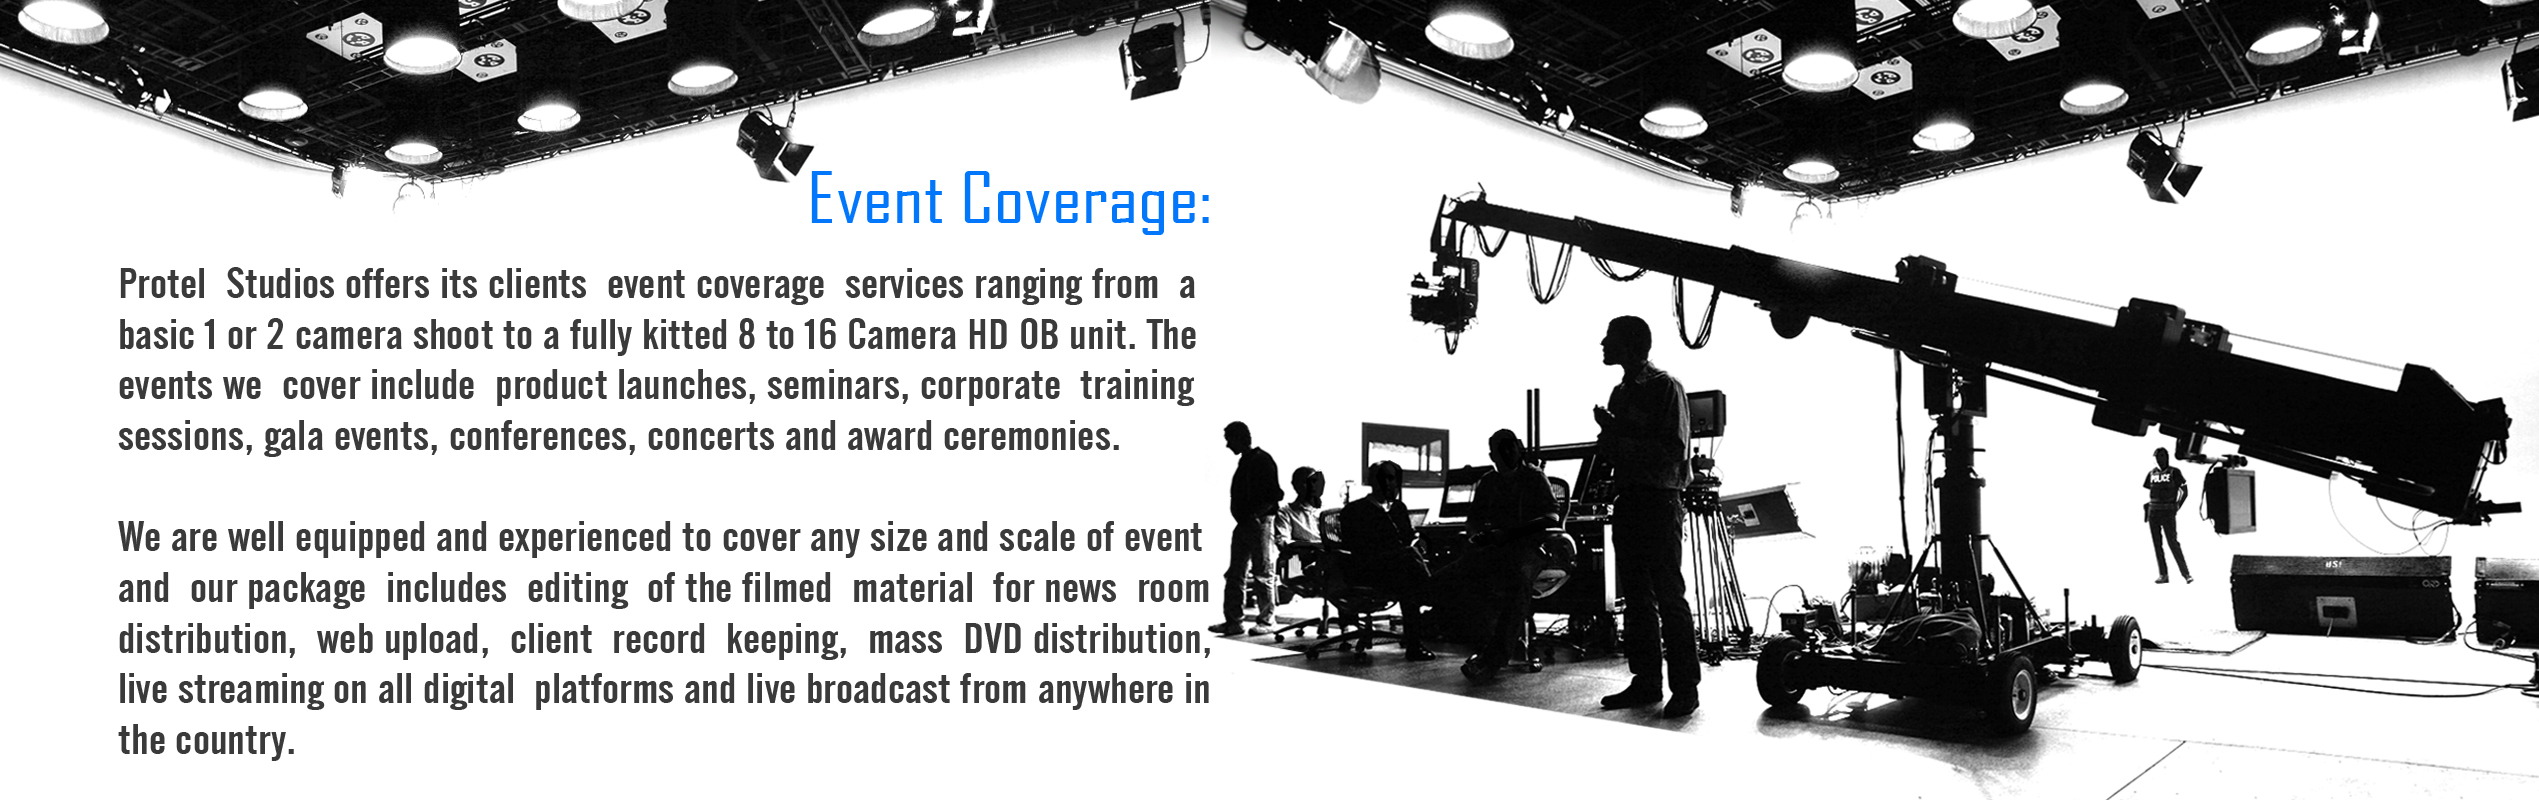 Event Coverage X